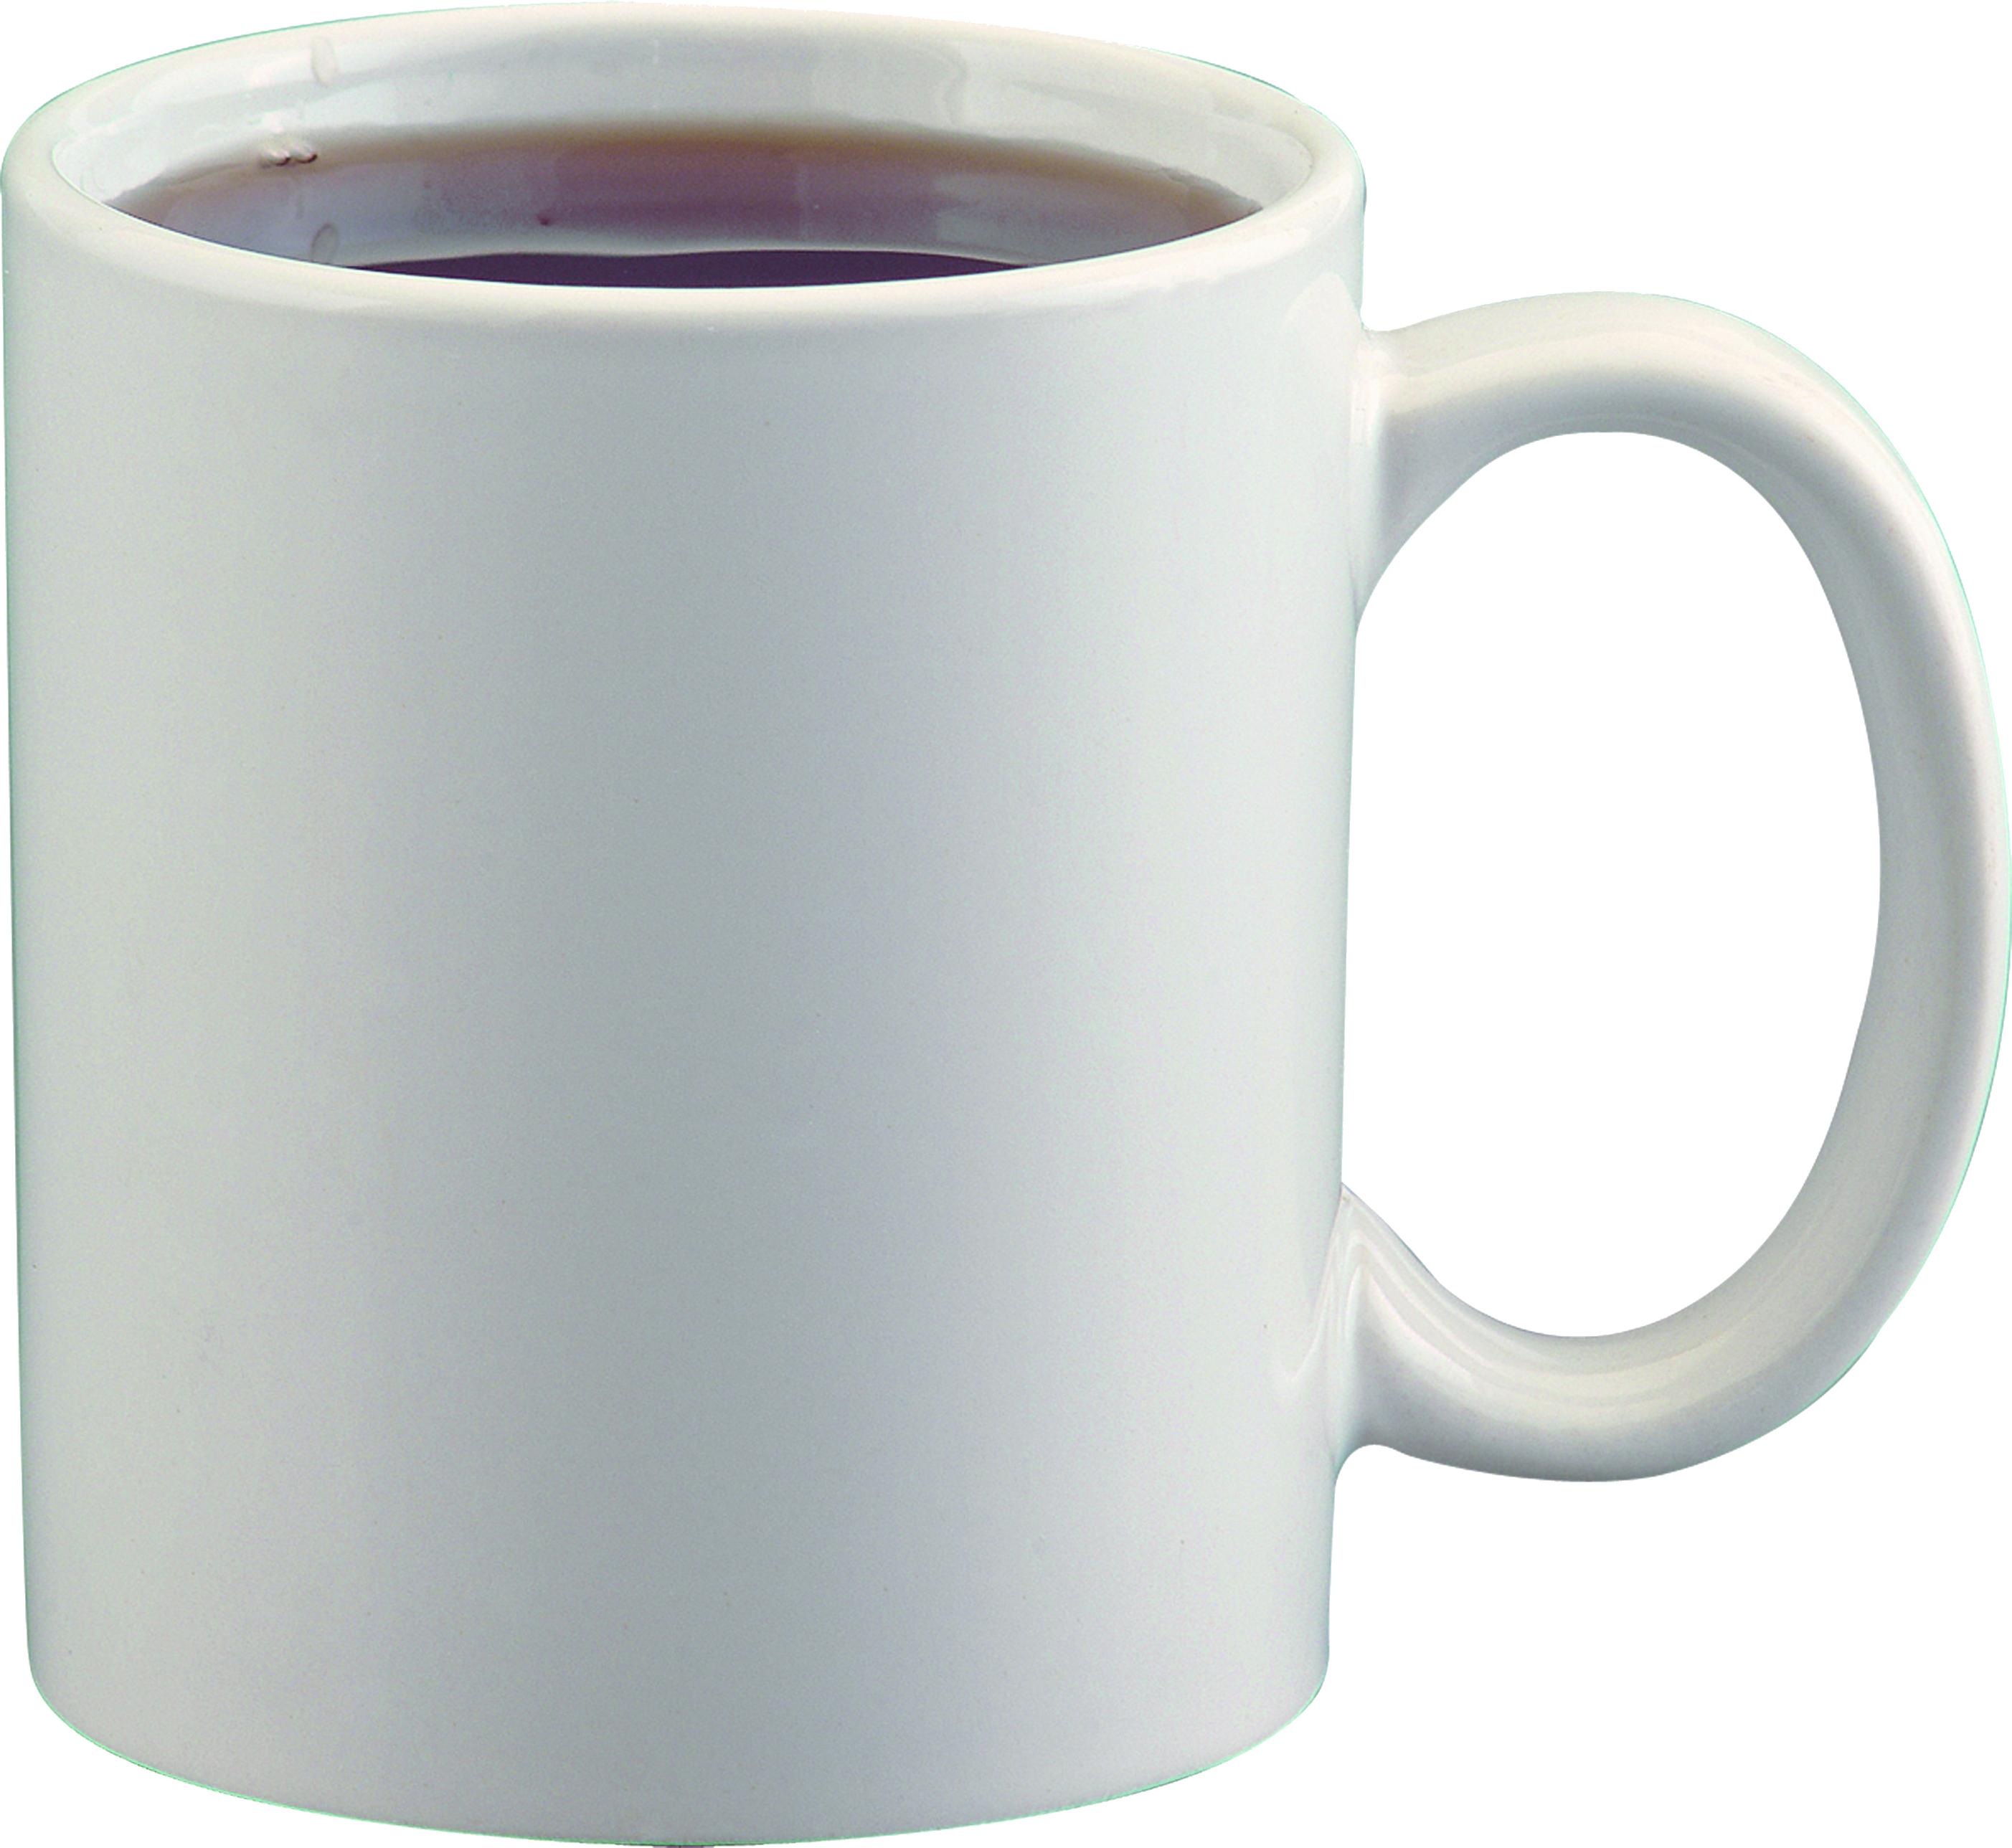 Cup Mug Coffee Png Image Mugs Coffee Png Coffee